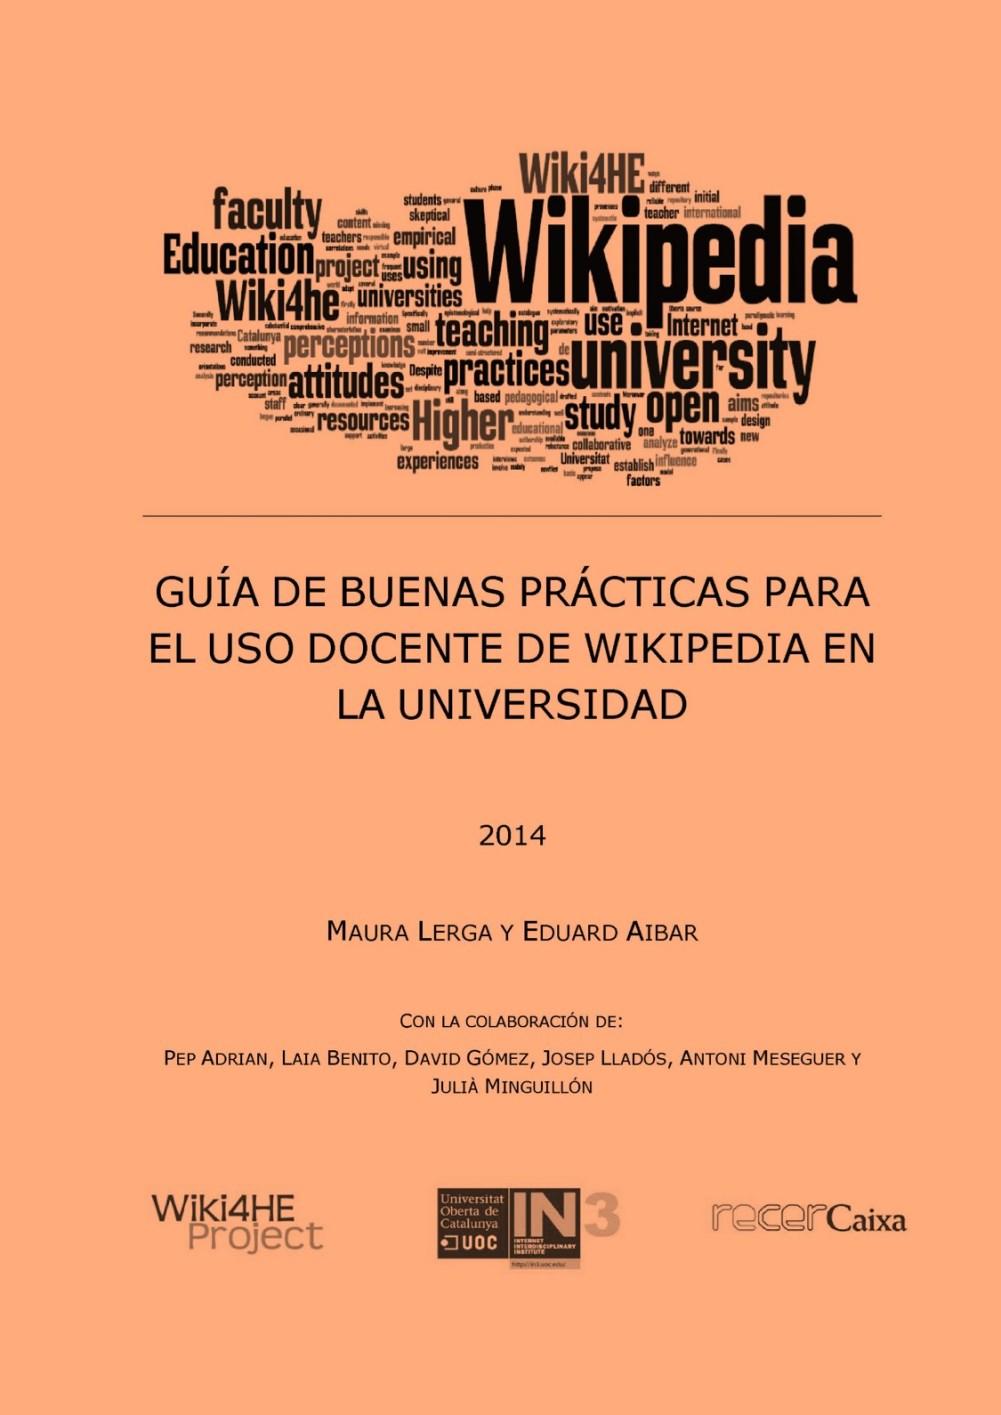 Guía de buenas prácticas para el uso docente de Wikipedia en la universidad